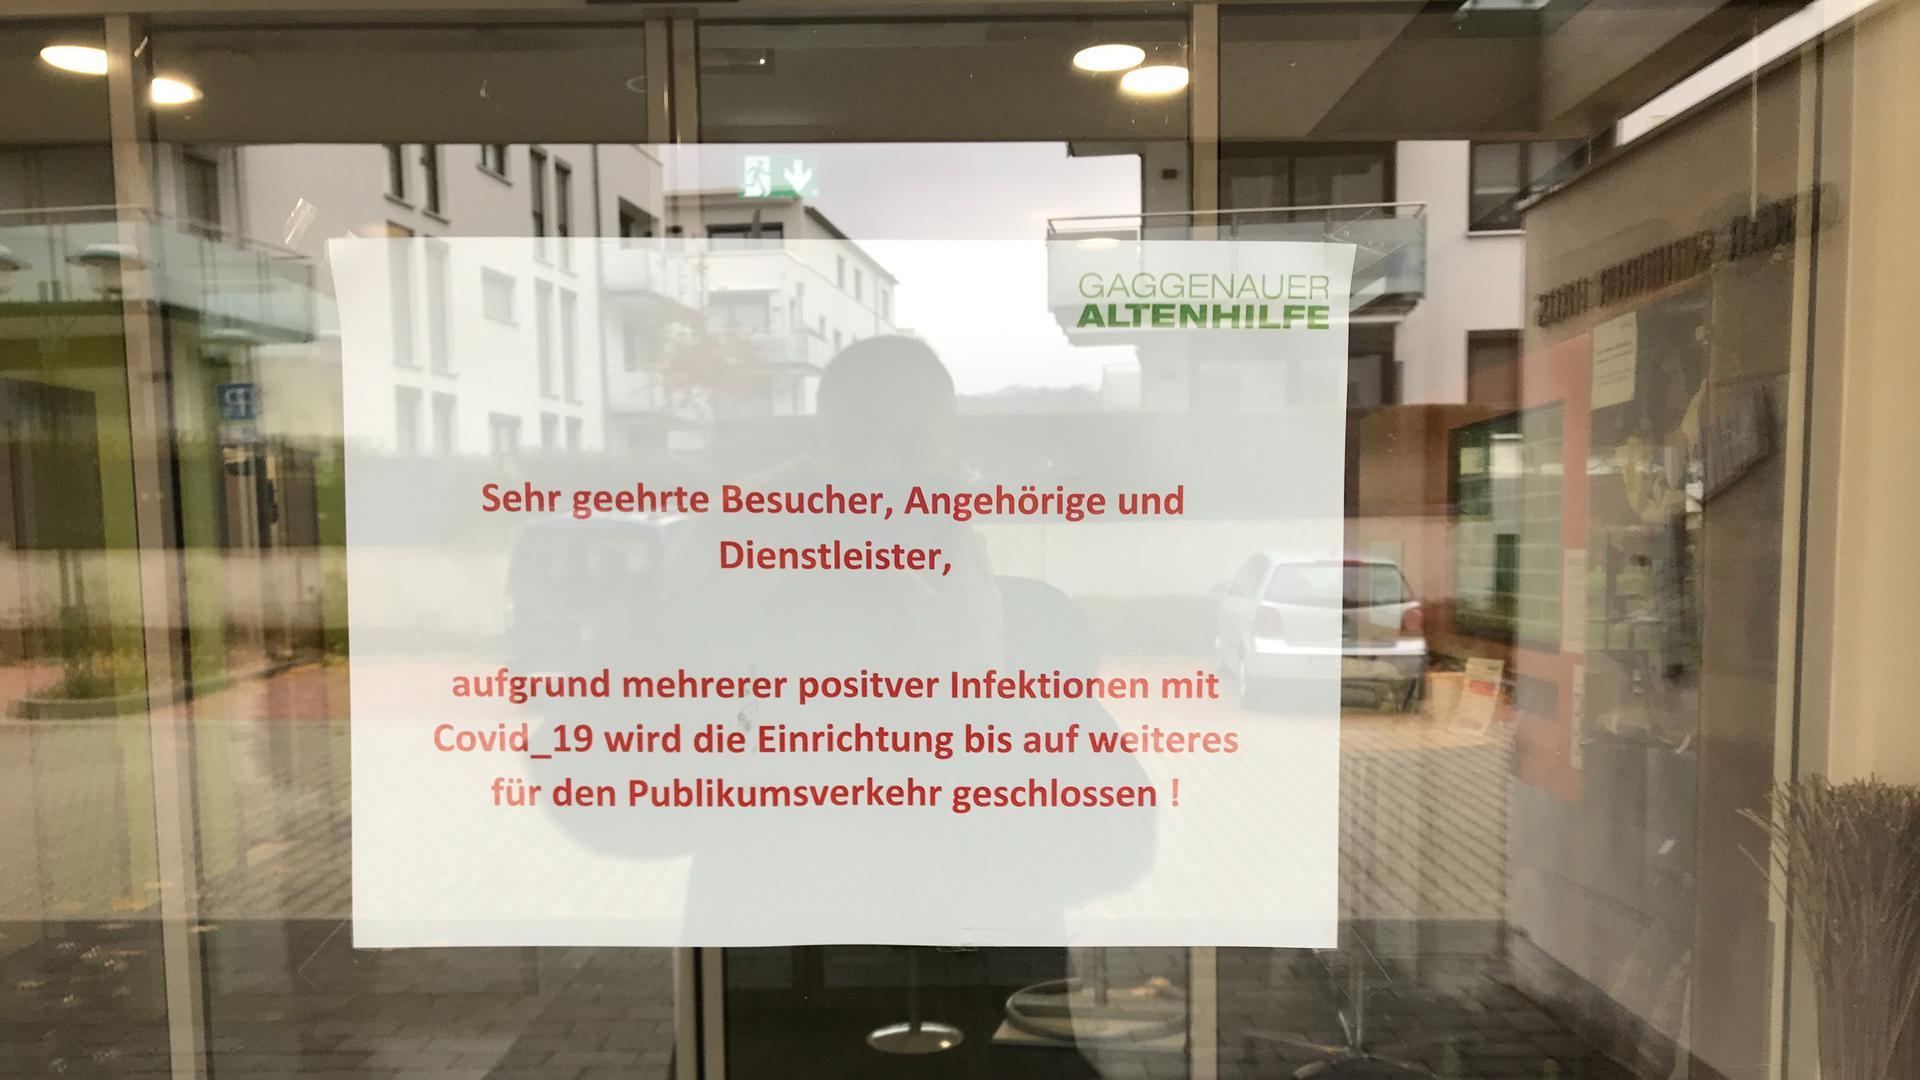 Schild an Glastür eines Heimes: Für Publikumsverkehr geschlossen